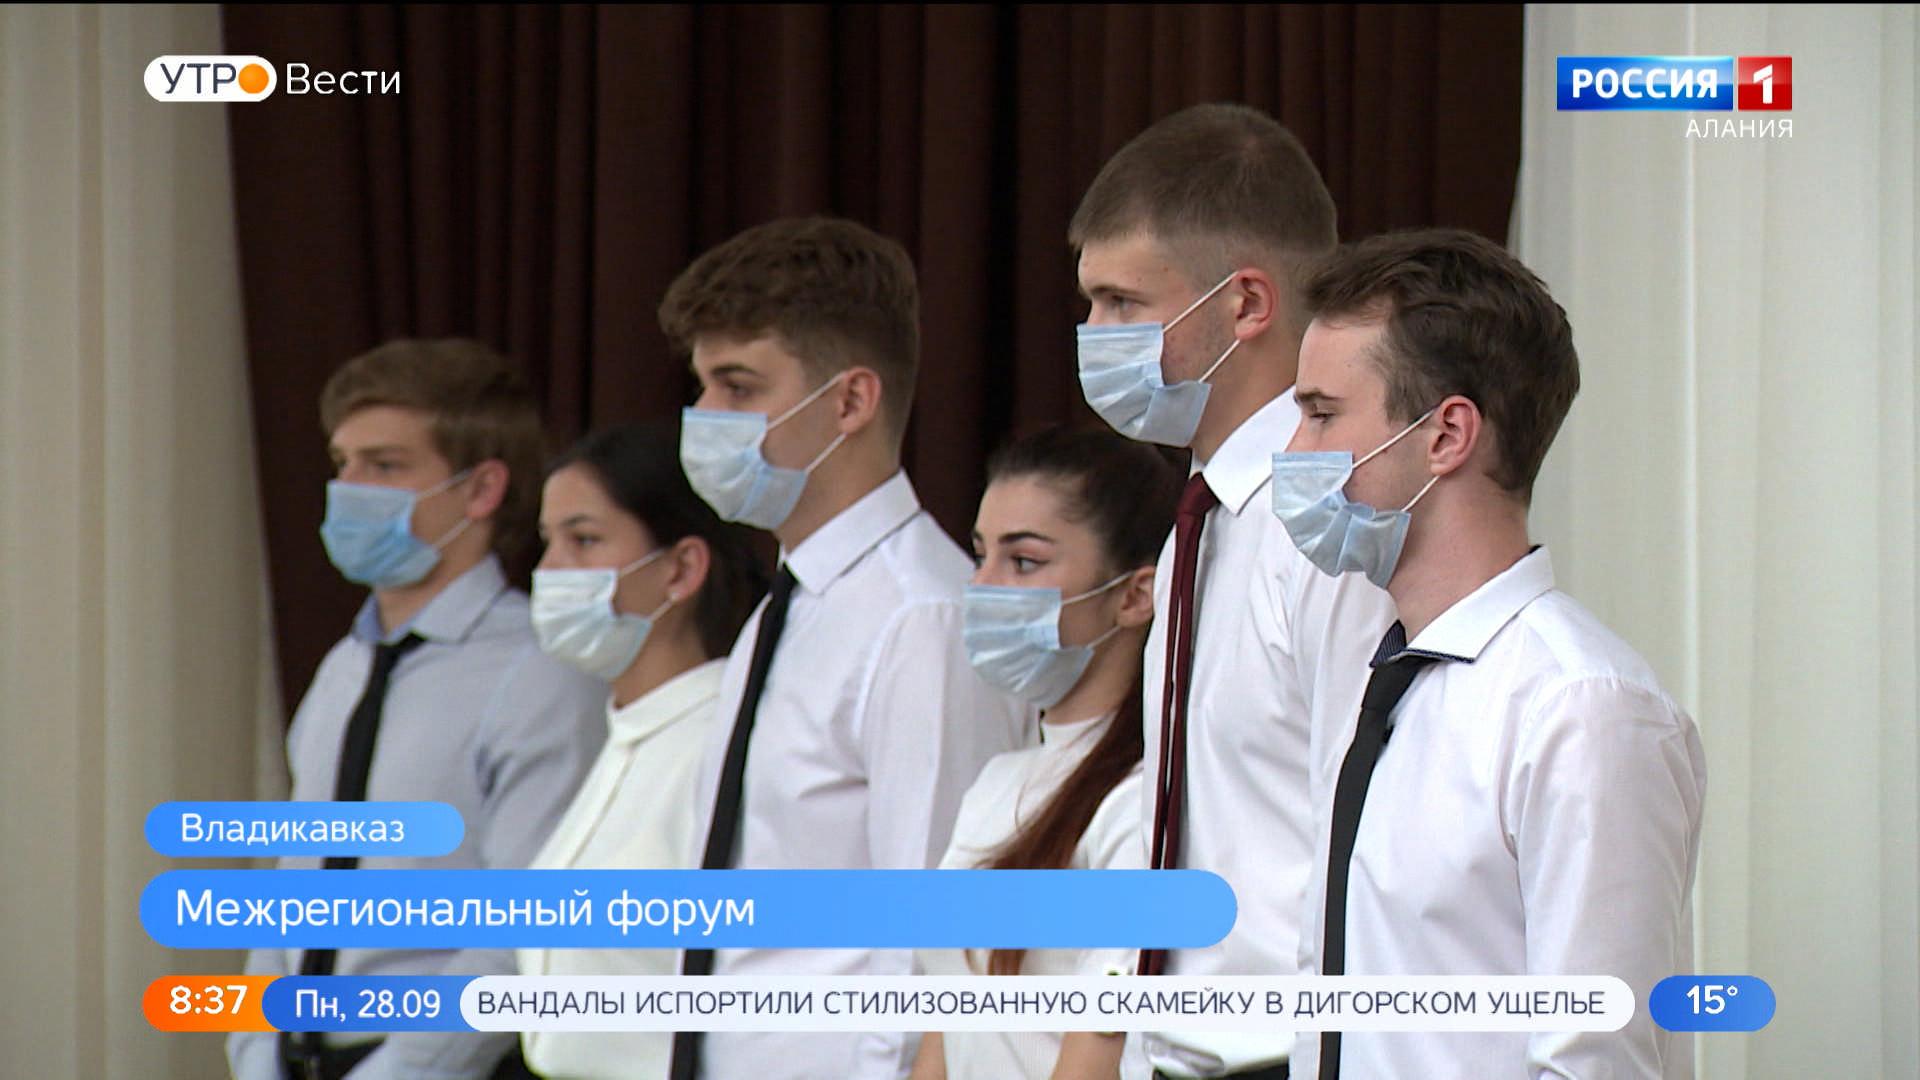 Во Владикавказе прошел форум «Внедрение и использование эффективных моделей управления в образовательной организации»